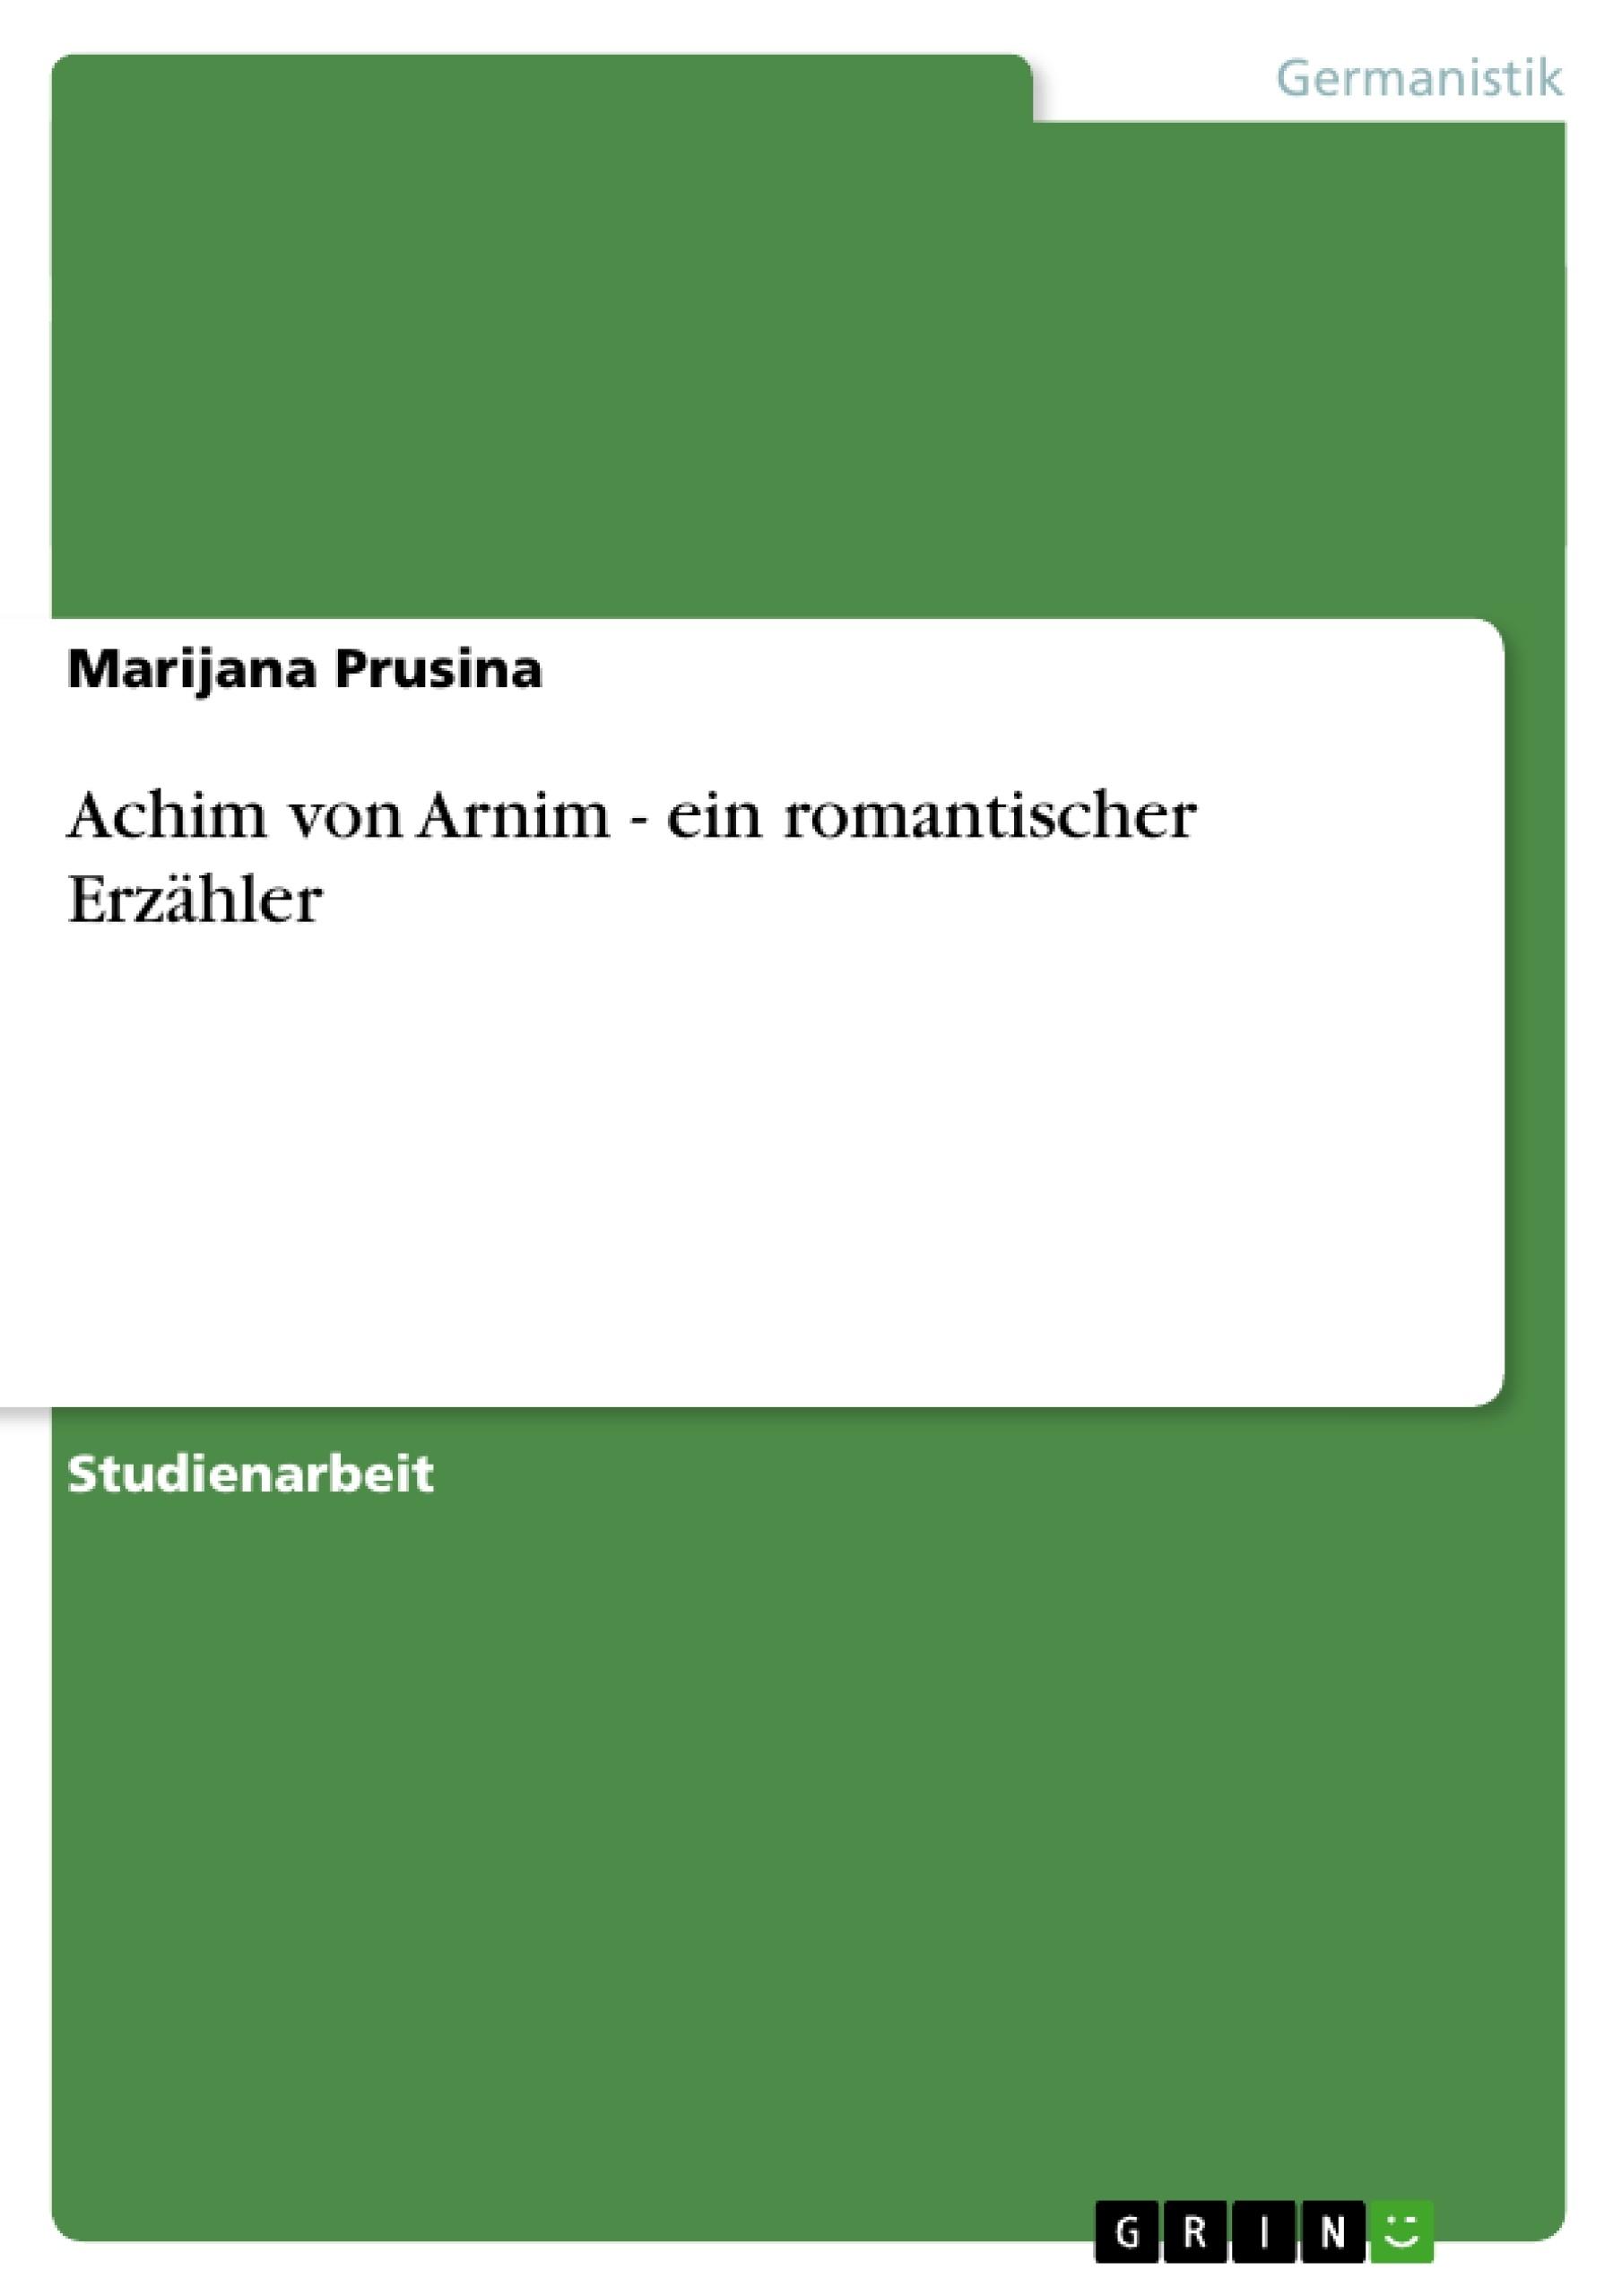 Titel: Achim von Arnim - ein romantischer Erzähler